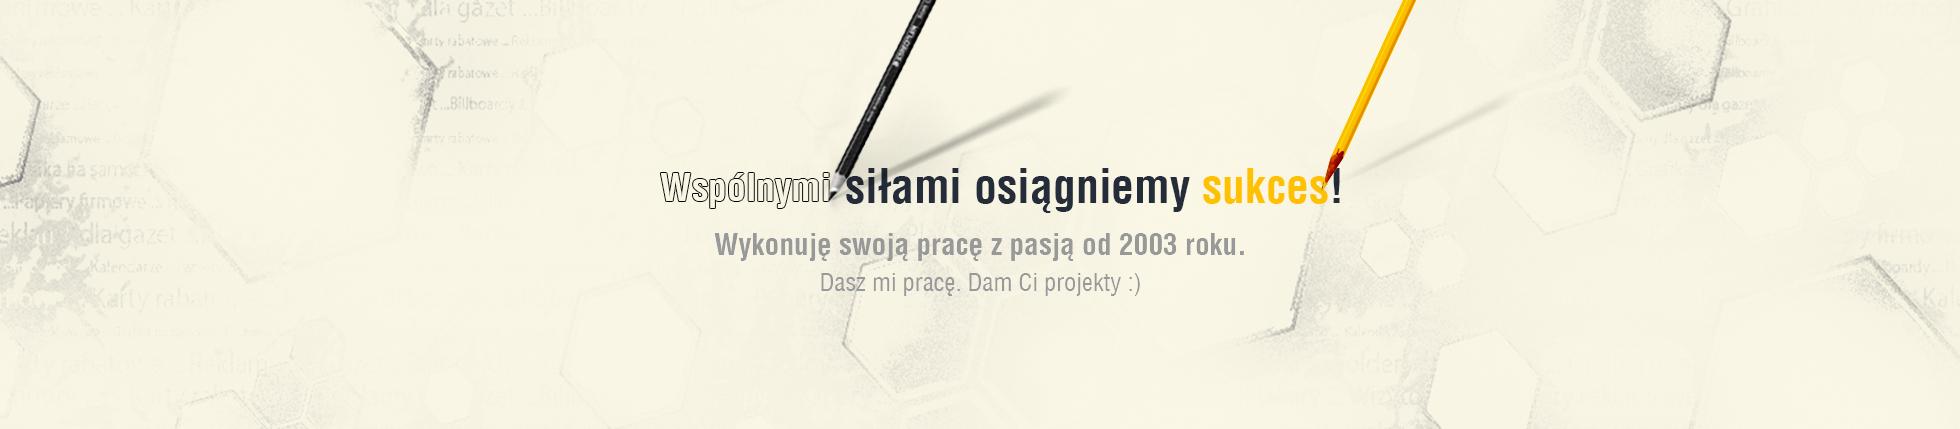 Realizacja projektów: Logo, Strona WWW, Ulotka